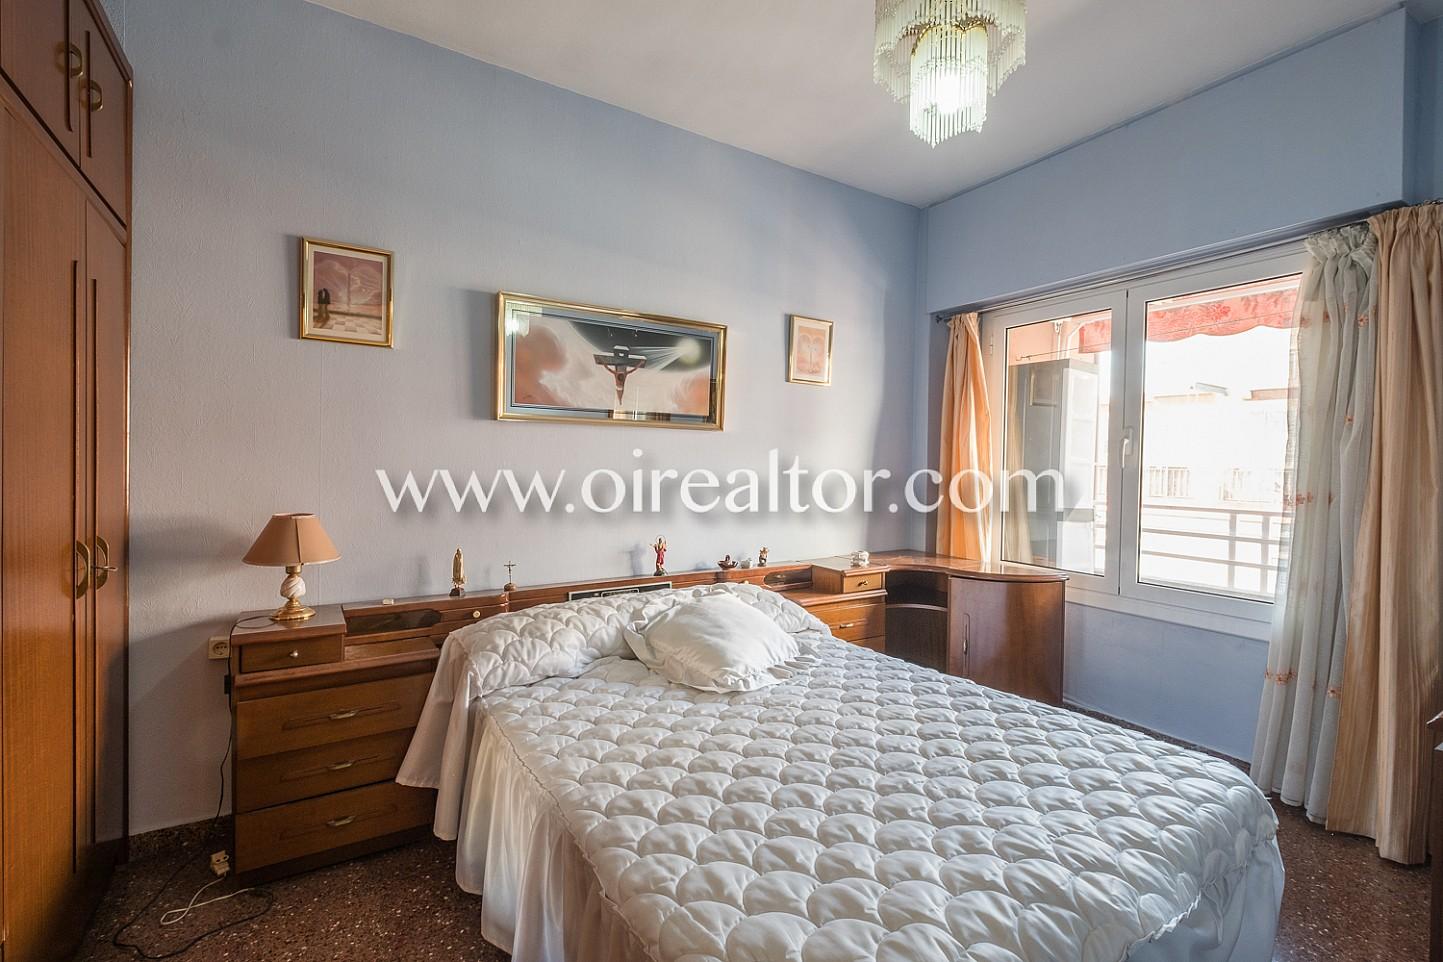 Квартира на продажу в Грасия Нова